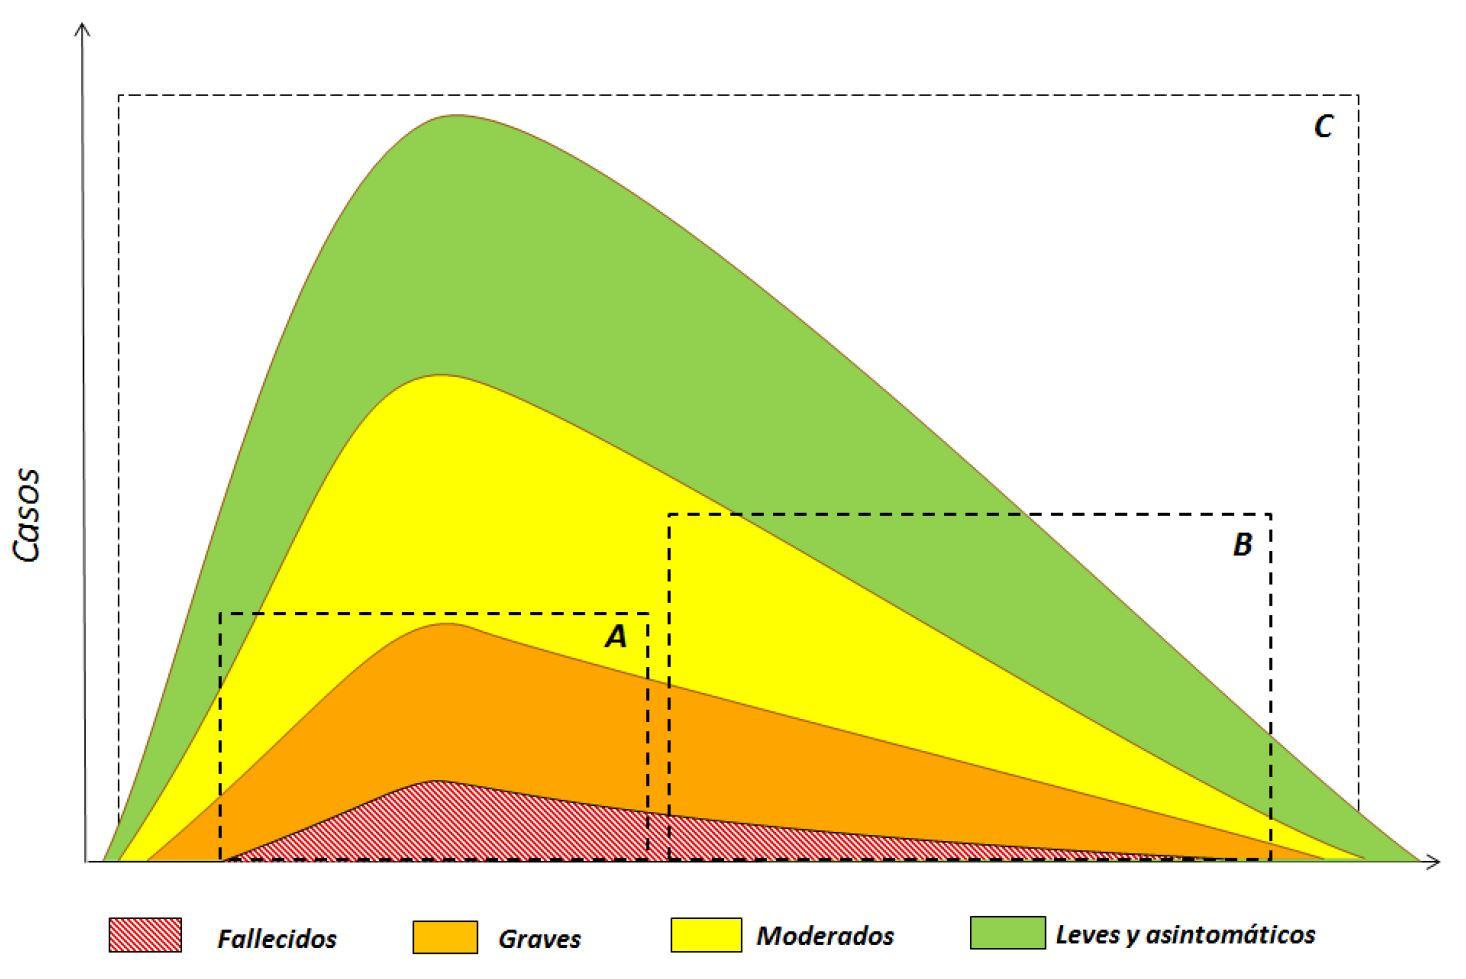 Fuente: Información científica-técnica. Enfermedad por coronavirus, COVID-19. Actualización, 2 de junio 2020.Centro de Coordinación de Alertas y Emergencias.